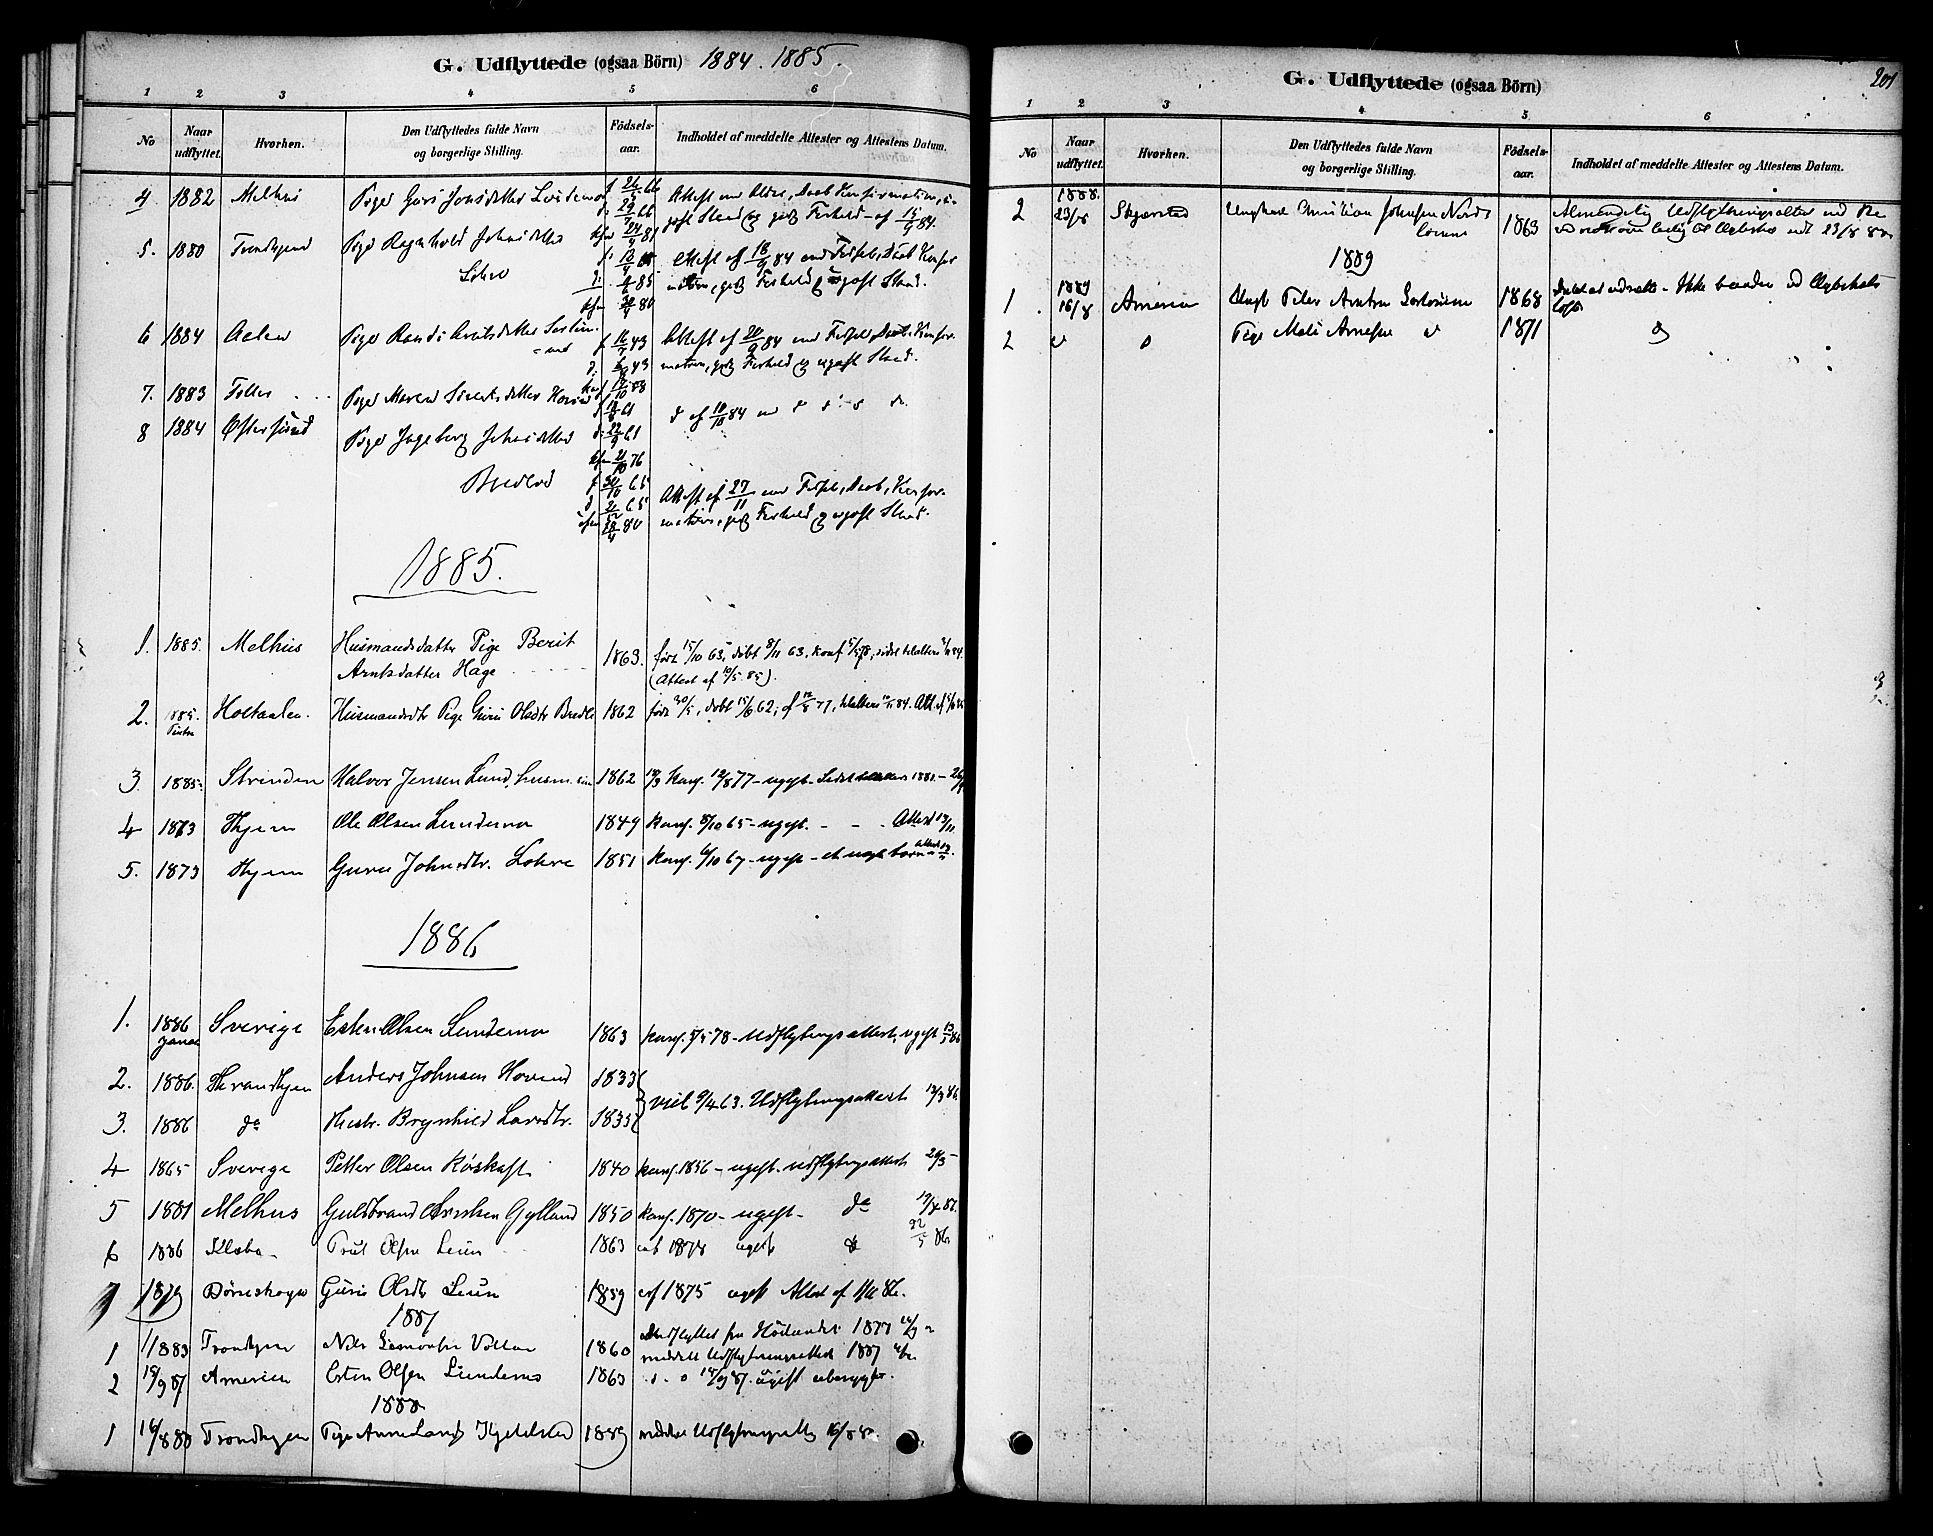 SAT, Ministerialprotokoller, klokkerbøker og fødselsregistre - Sør-Trøndelag, 692/L1105: Ministerialbok nr. 692A05, 1878-1890, s. 201